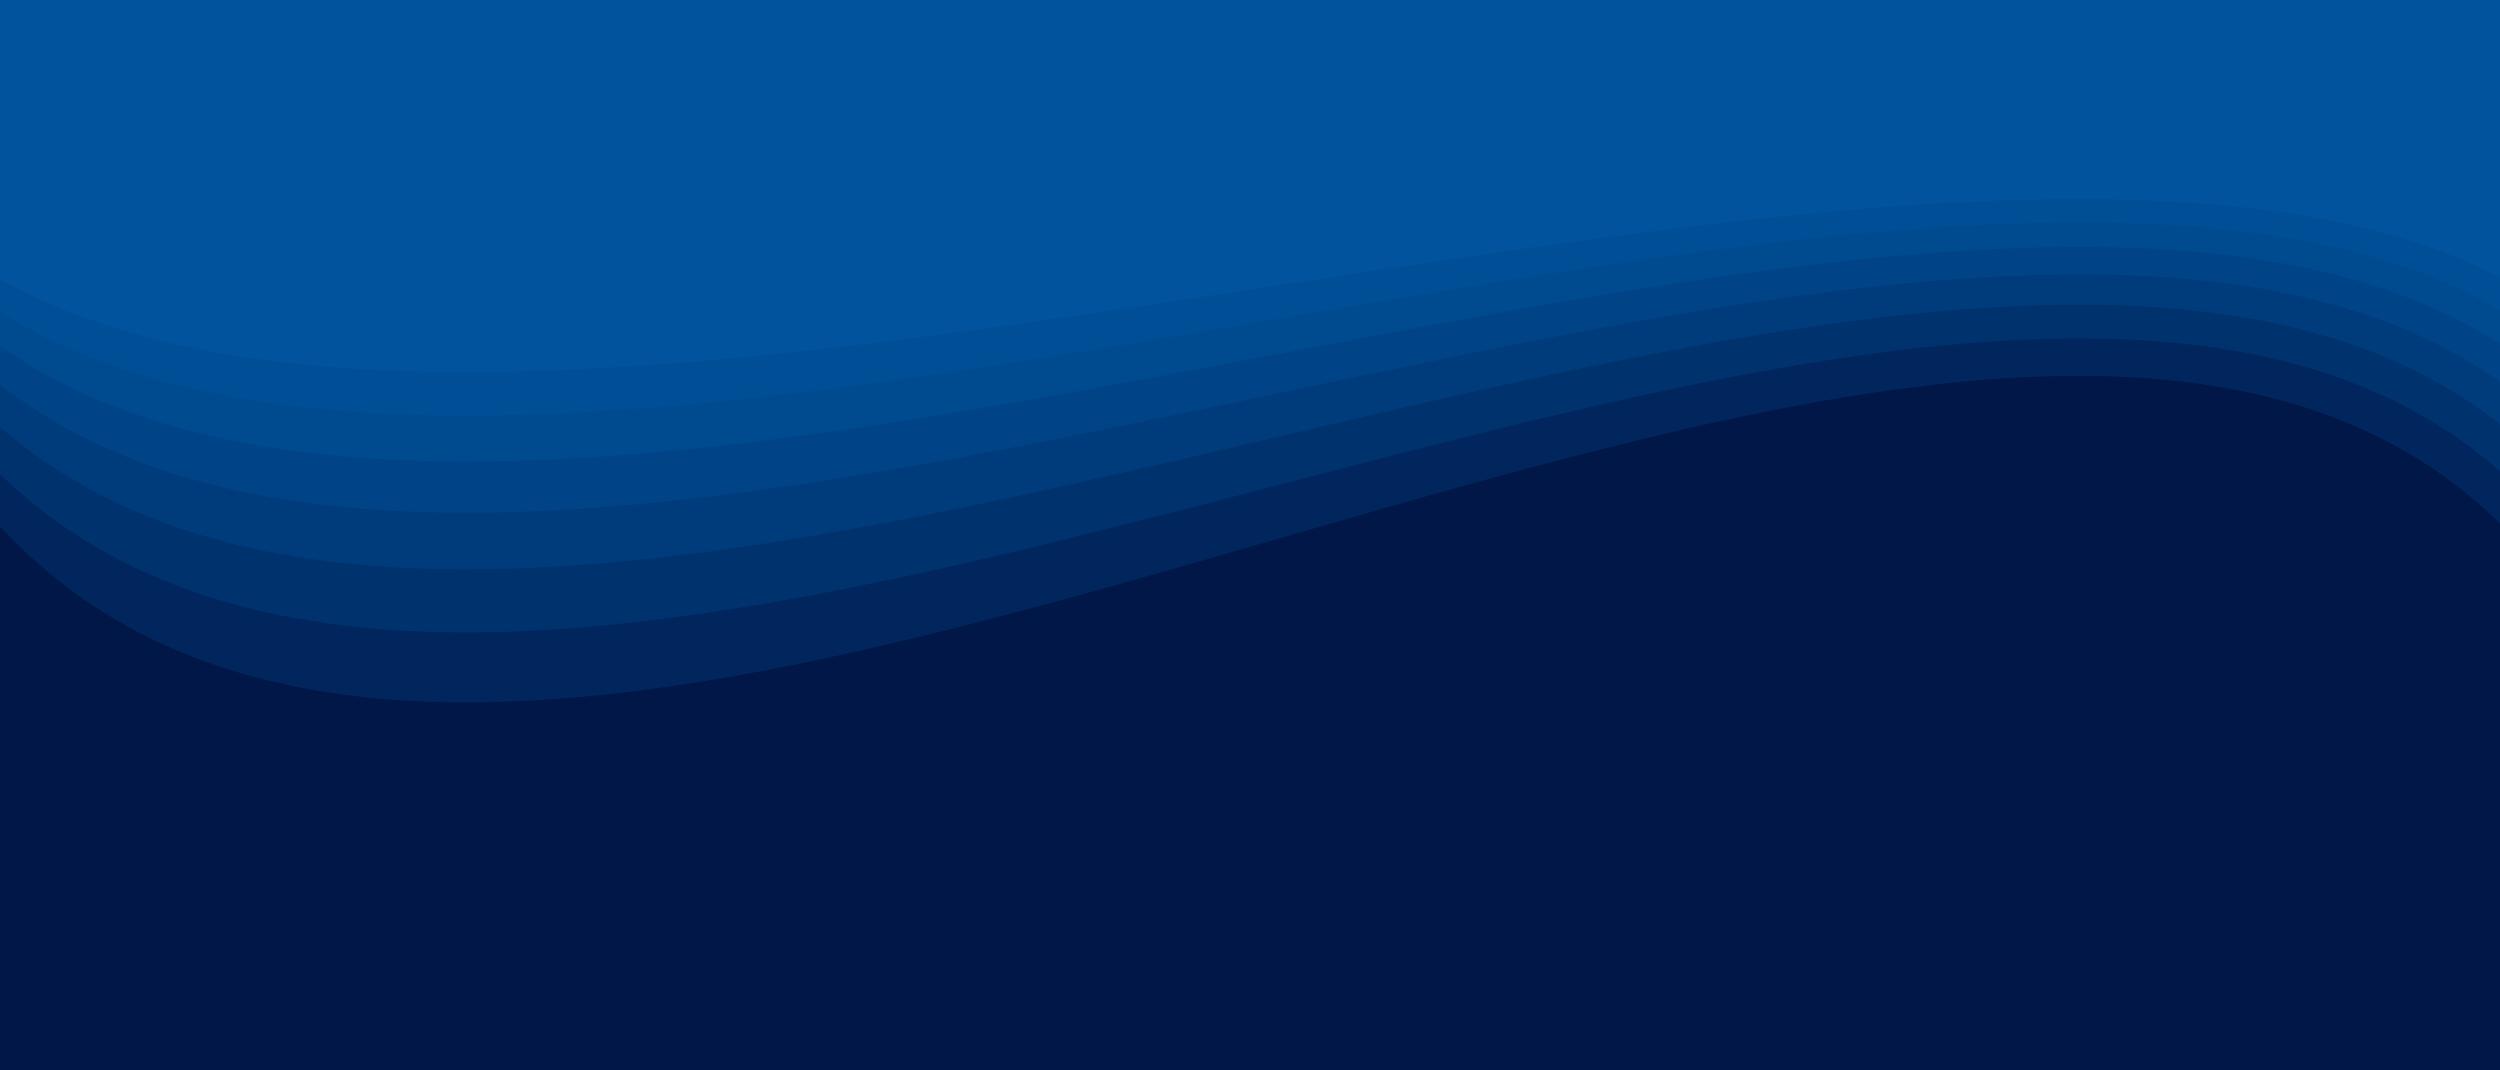 Waves PNG HD Border - 128820